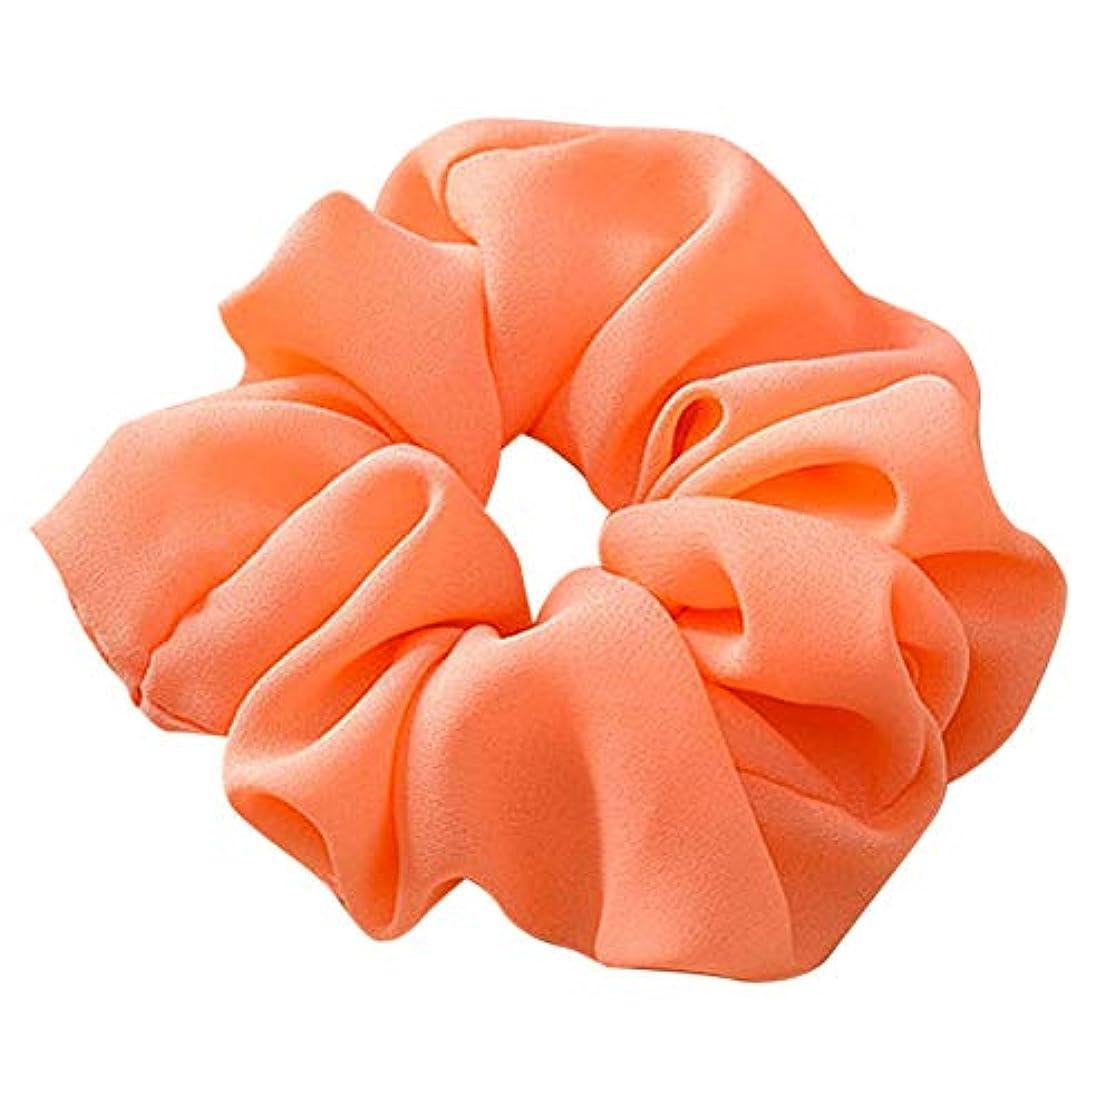 壊れた行うながらベルベットポニーテールの髪のネクタイ、髪のシュシュ-あなたのためのさまざまな色